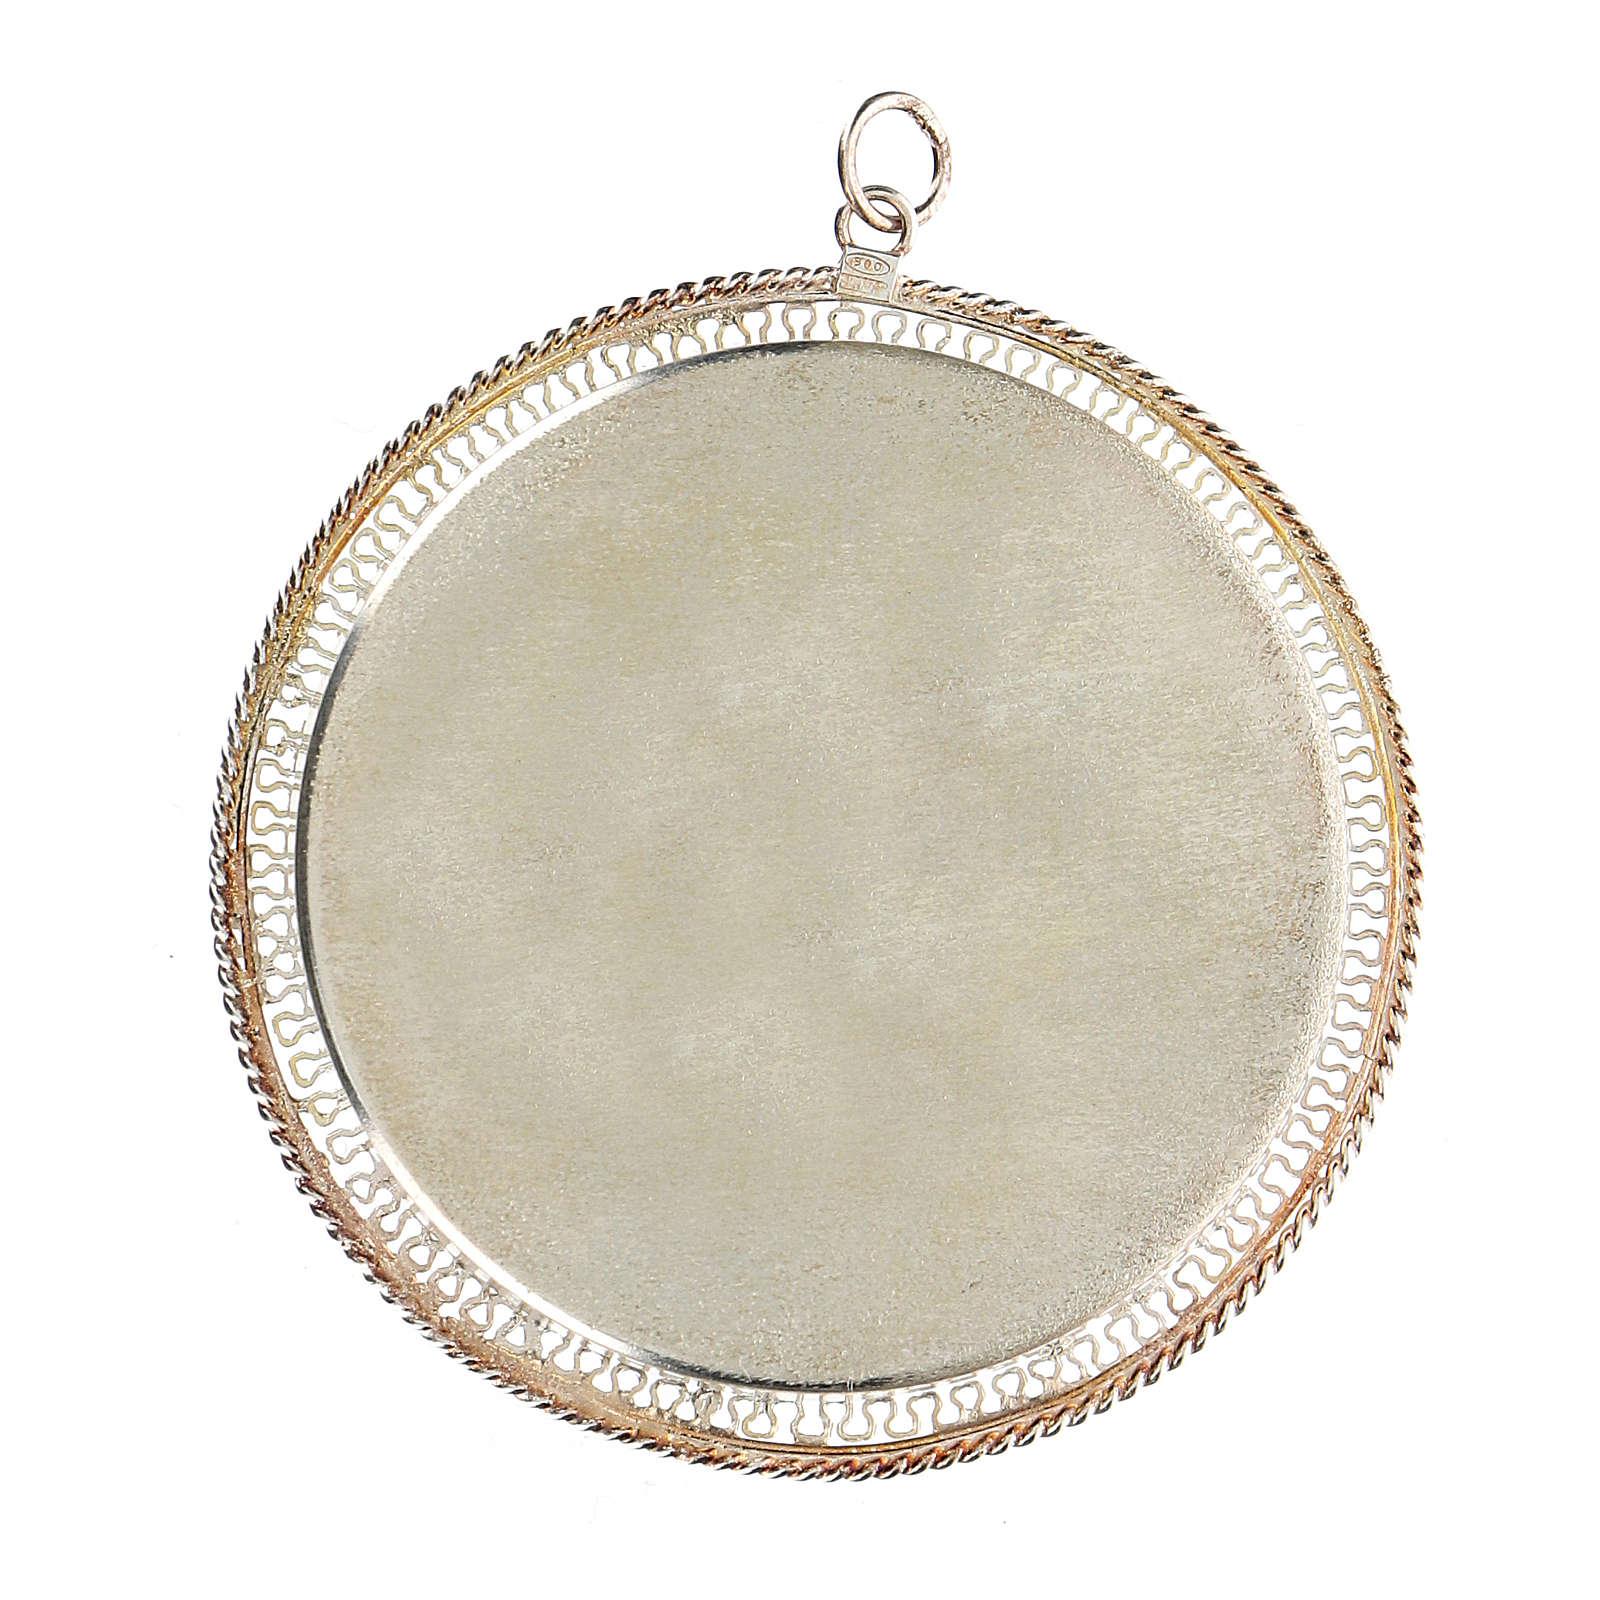 Reliquario filigrana tondo 6 cm argento 800 4